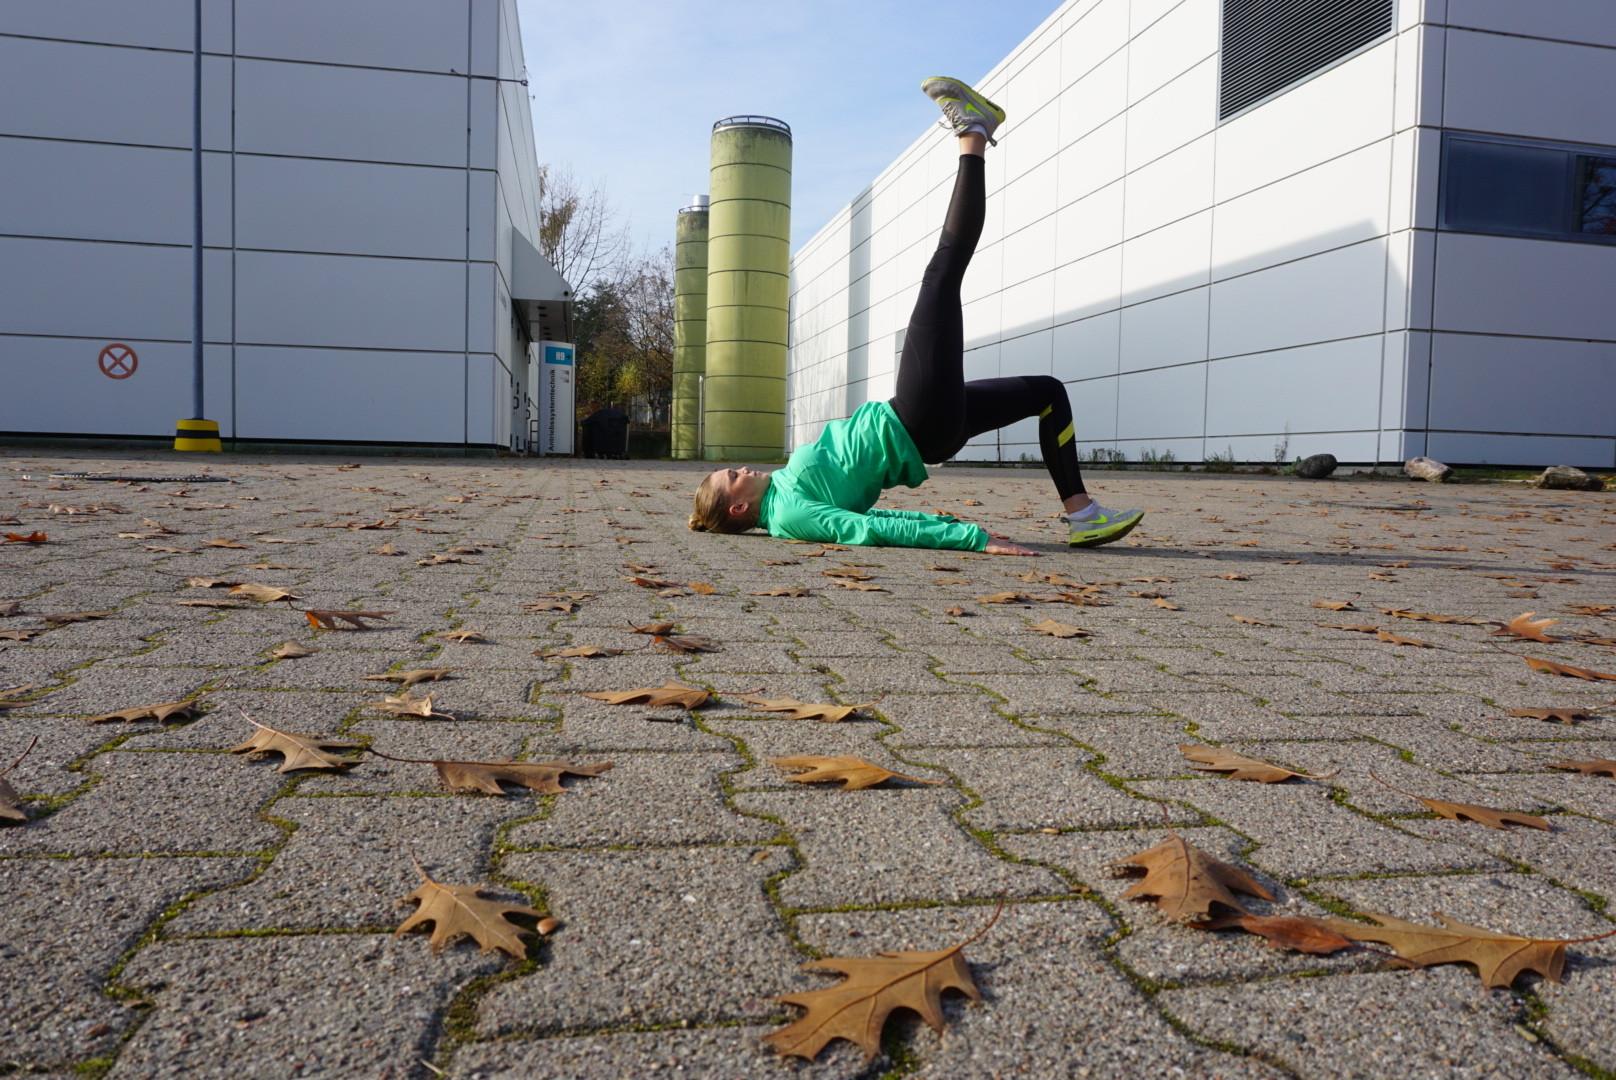 Einbeiniges Hüftheben für einen knackigen Popo. Dazu auf den Boden legen, die Arme liegen flach neben dem Körper. Ein Bein ausstrecken. Dann die Hüfte nach oben heben und wieder absenken. Das Gewicht ist auf der Ferse.